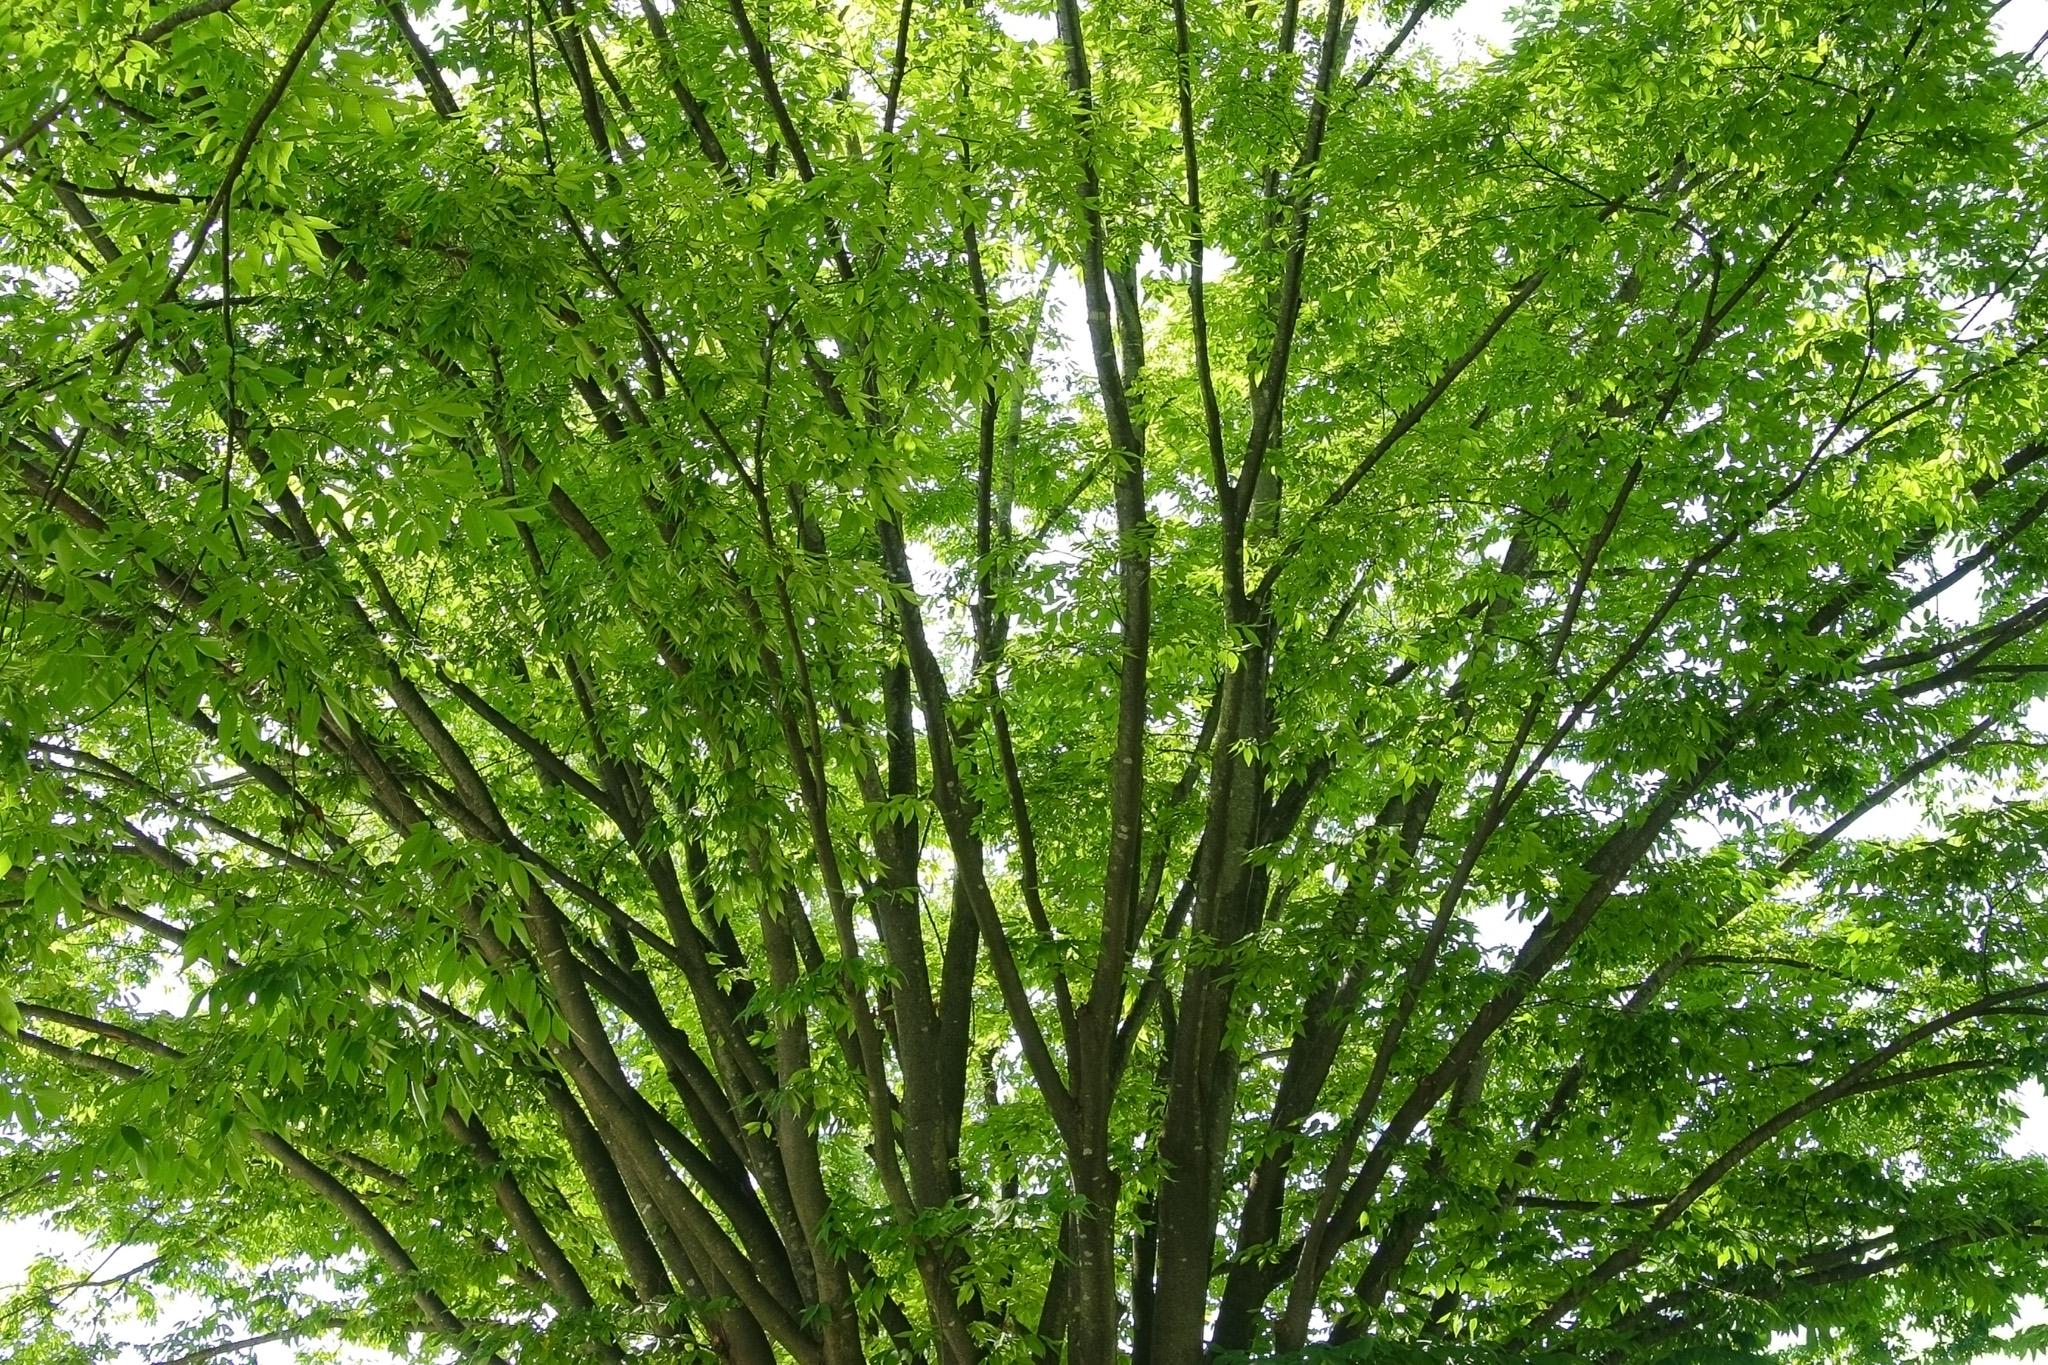 「沢山の細い幹が上に伸びている樹木」の素材を無料ダウンロード